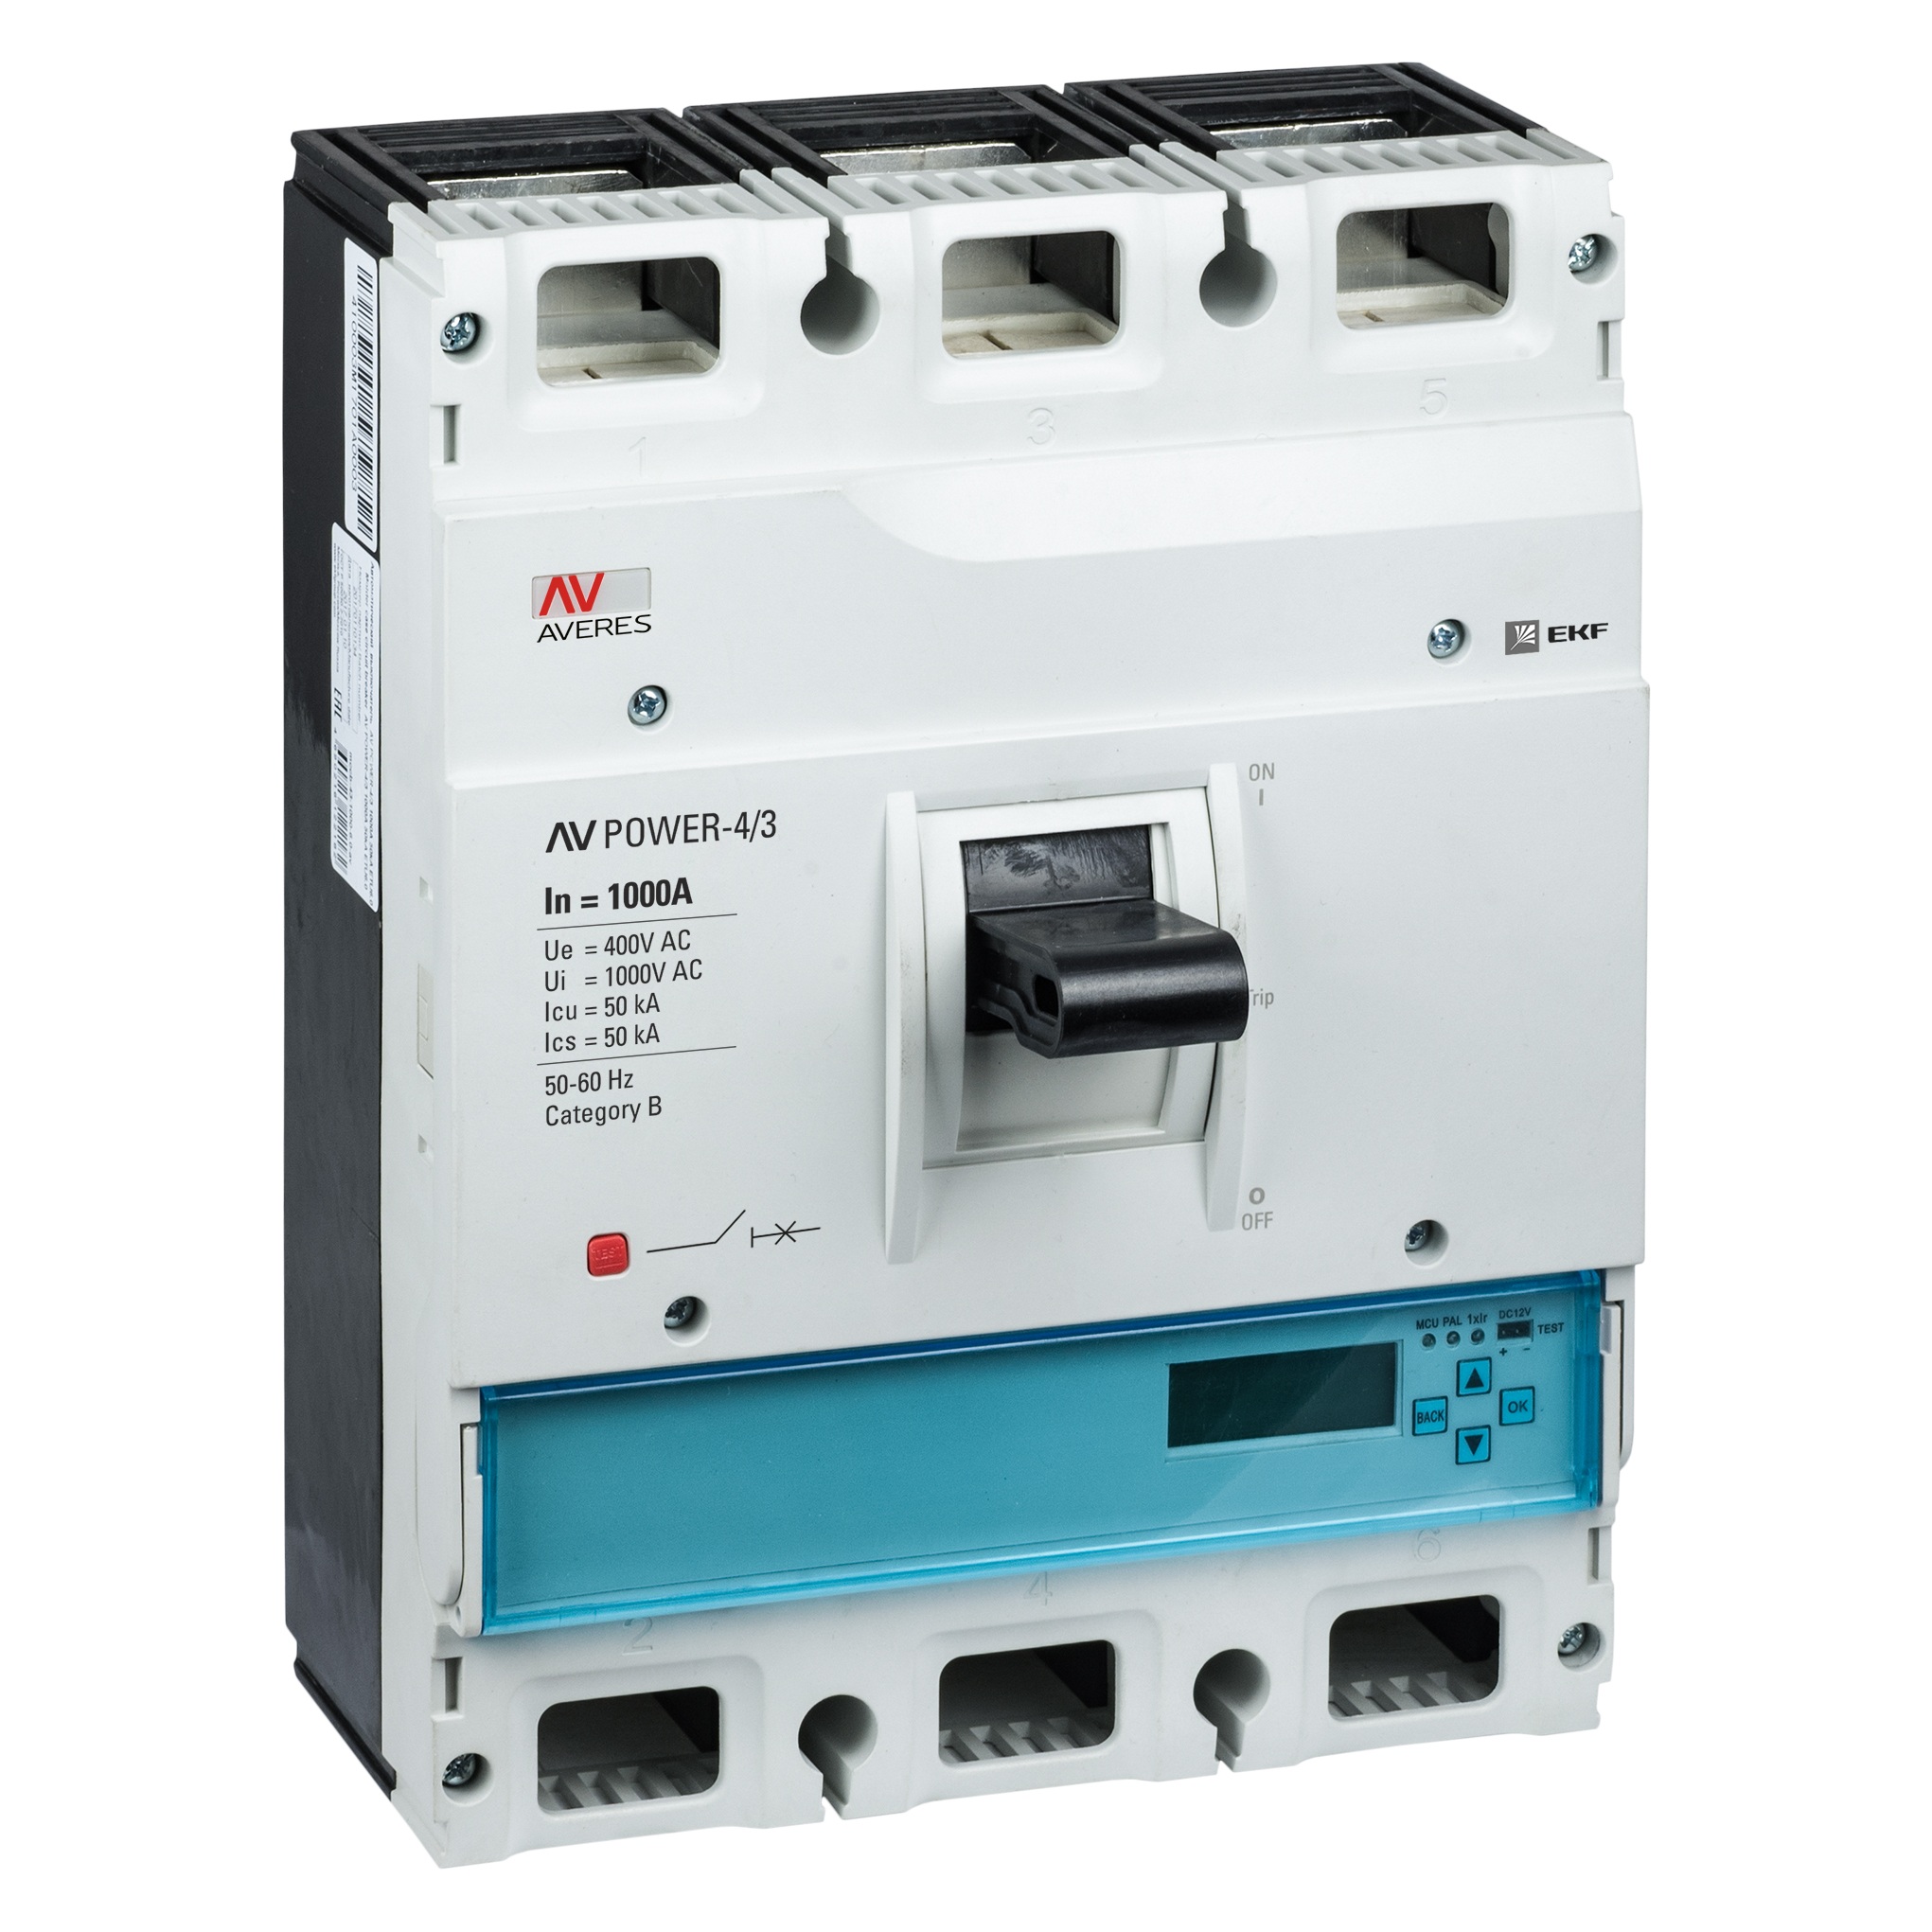 Выключатель автоматический AV POWER-4/3 1000А 50кА ETU6.0 AVERES EKF mccb-43-1000-6.0-av купить в интернет-магазине RS24